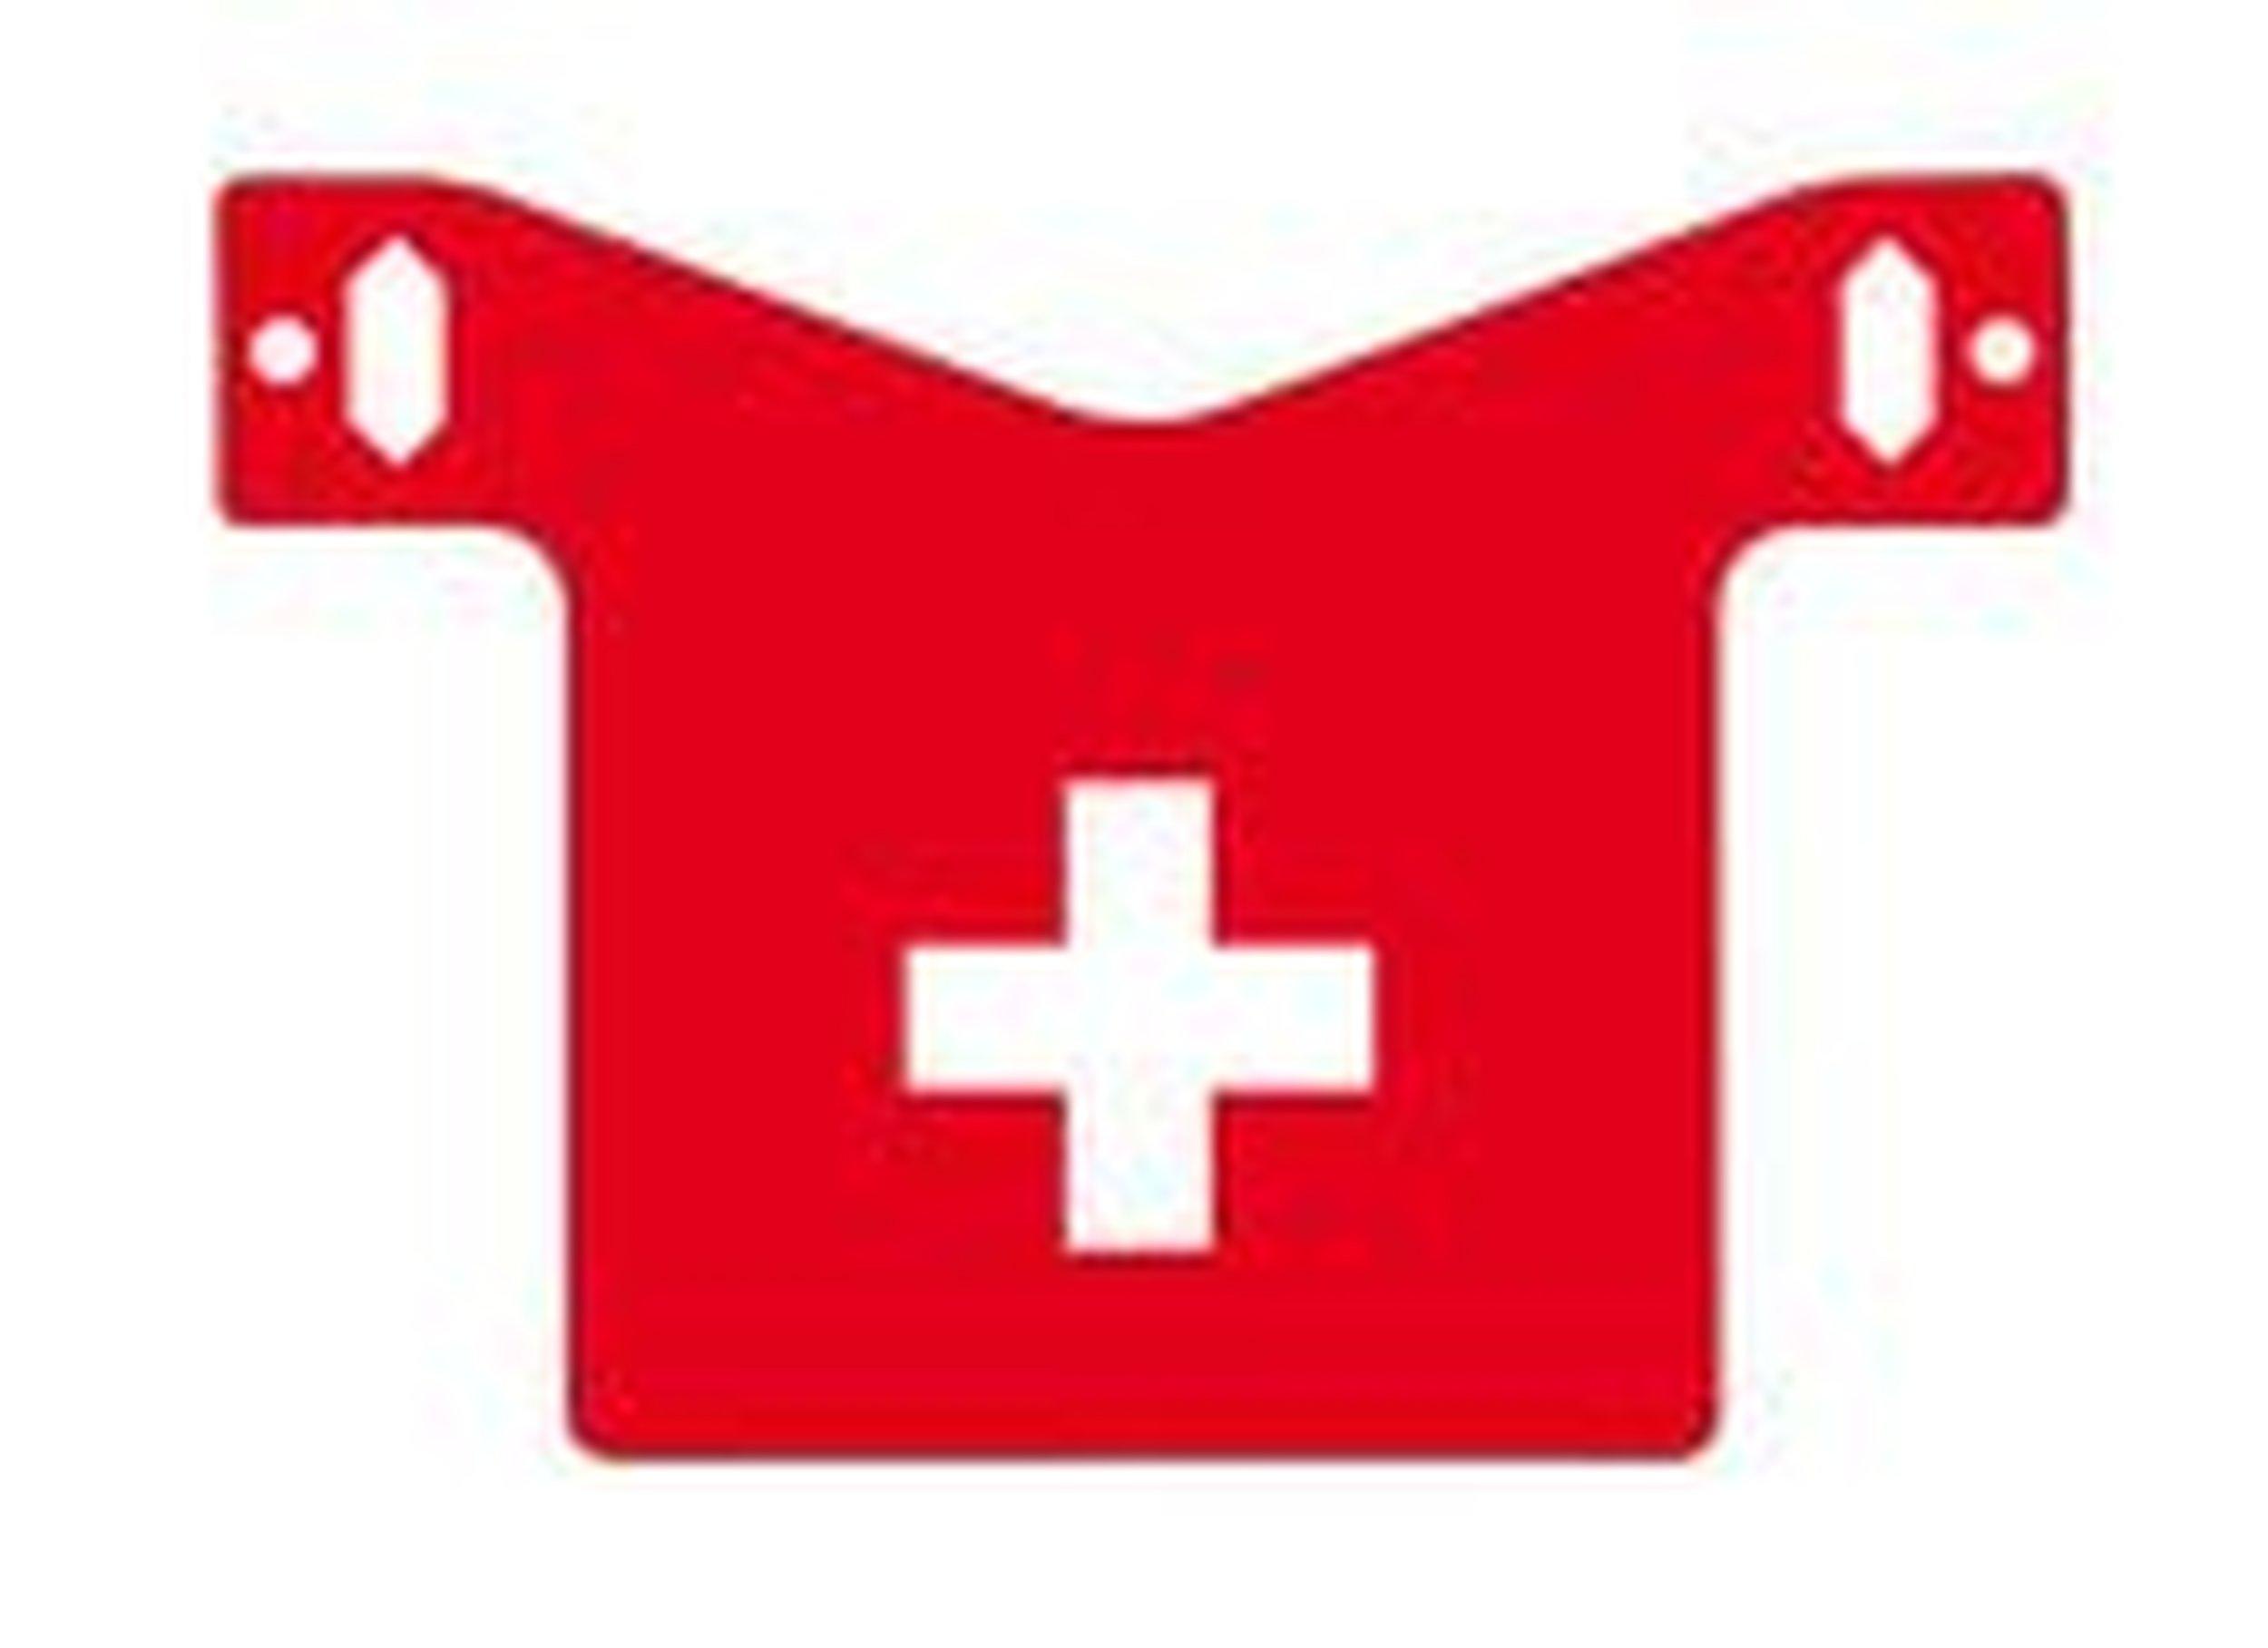 Półka na telefon Load-Ding edycja szwajcarska - małe zdjęcie